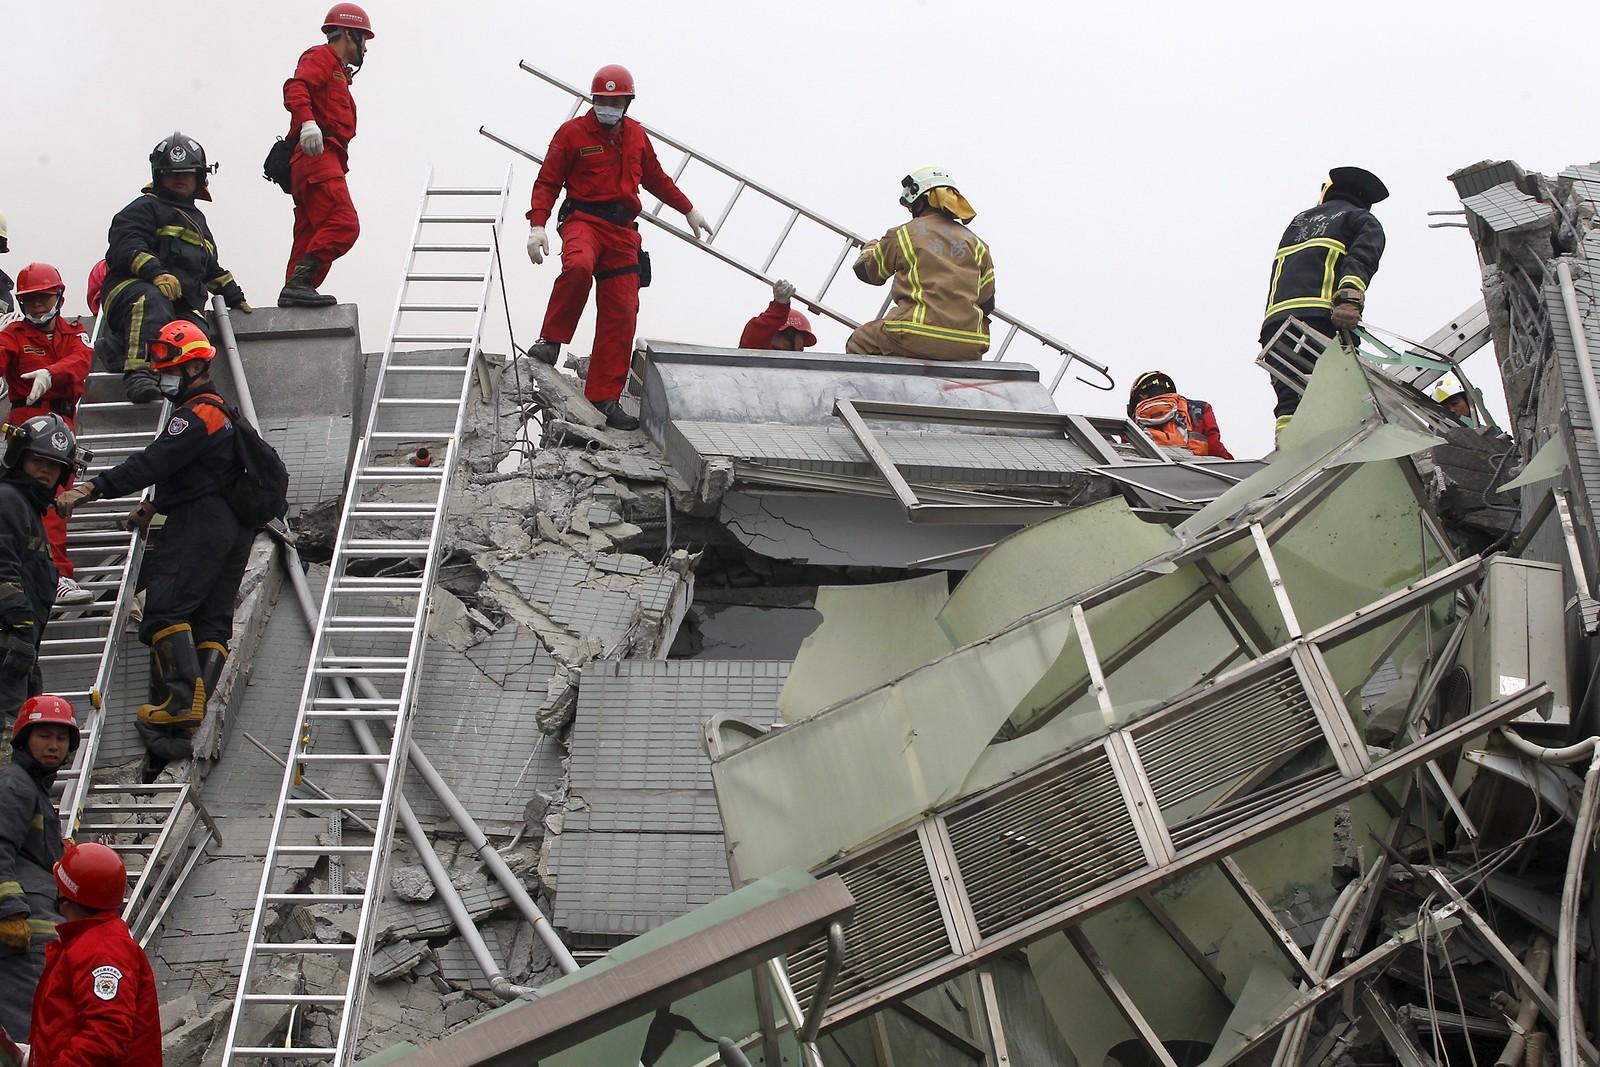 Redningsmannskap frykter at 30 mennesker fortsatt kan være fanget i ruinene.